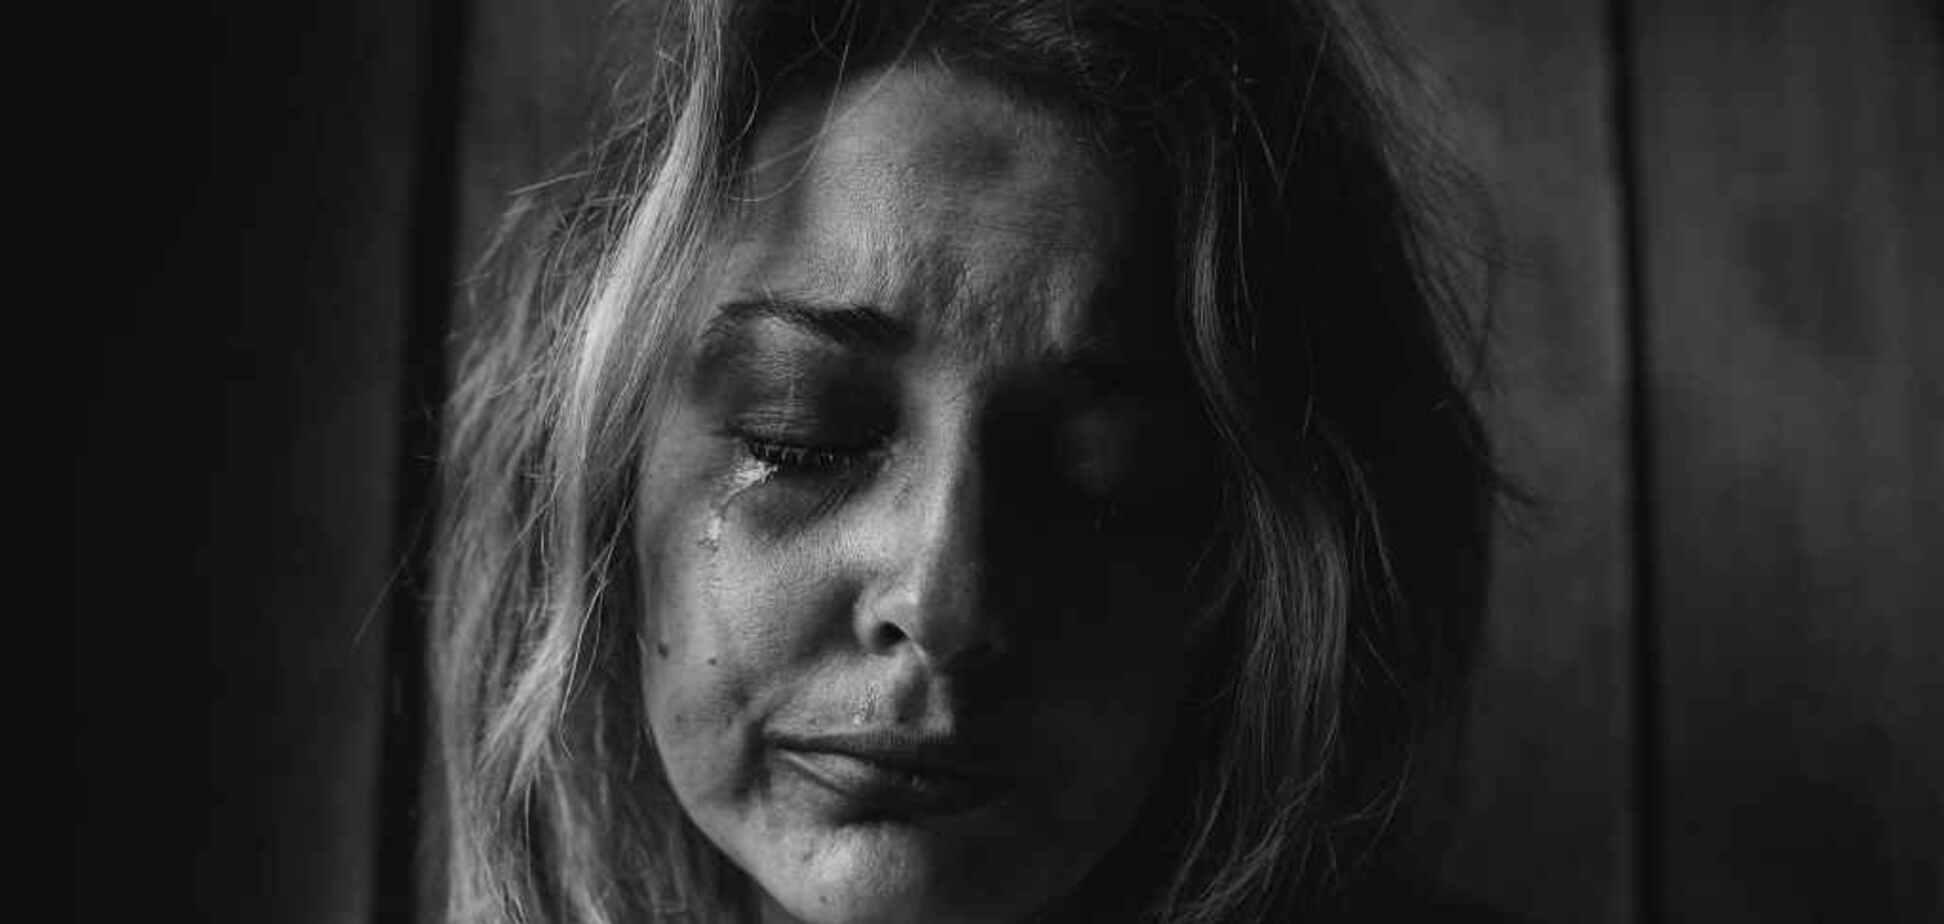 Де жінкам в Дніпрі сховатися від домашнього насильства, наркотиків і алкоголю